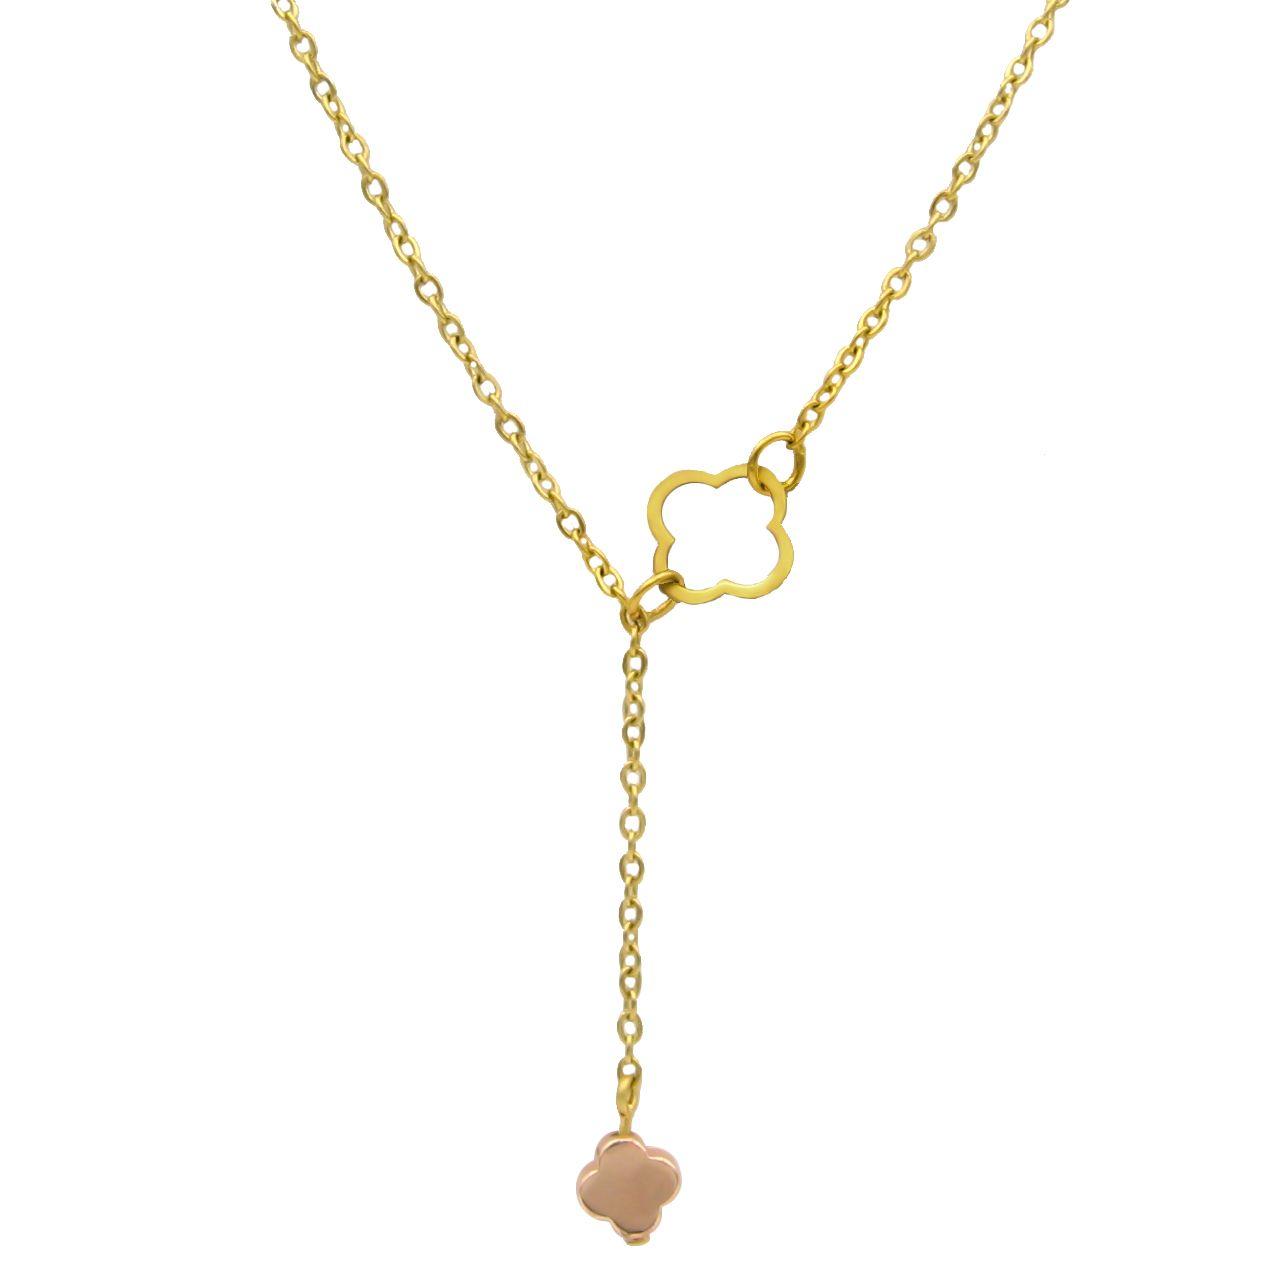 گردنبند طلا 18 عیار زنانه مانچو کد sfg652 -  - 1